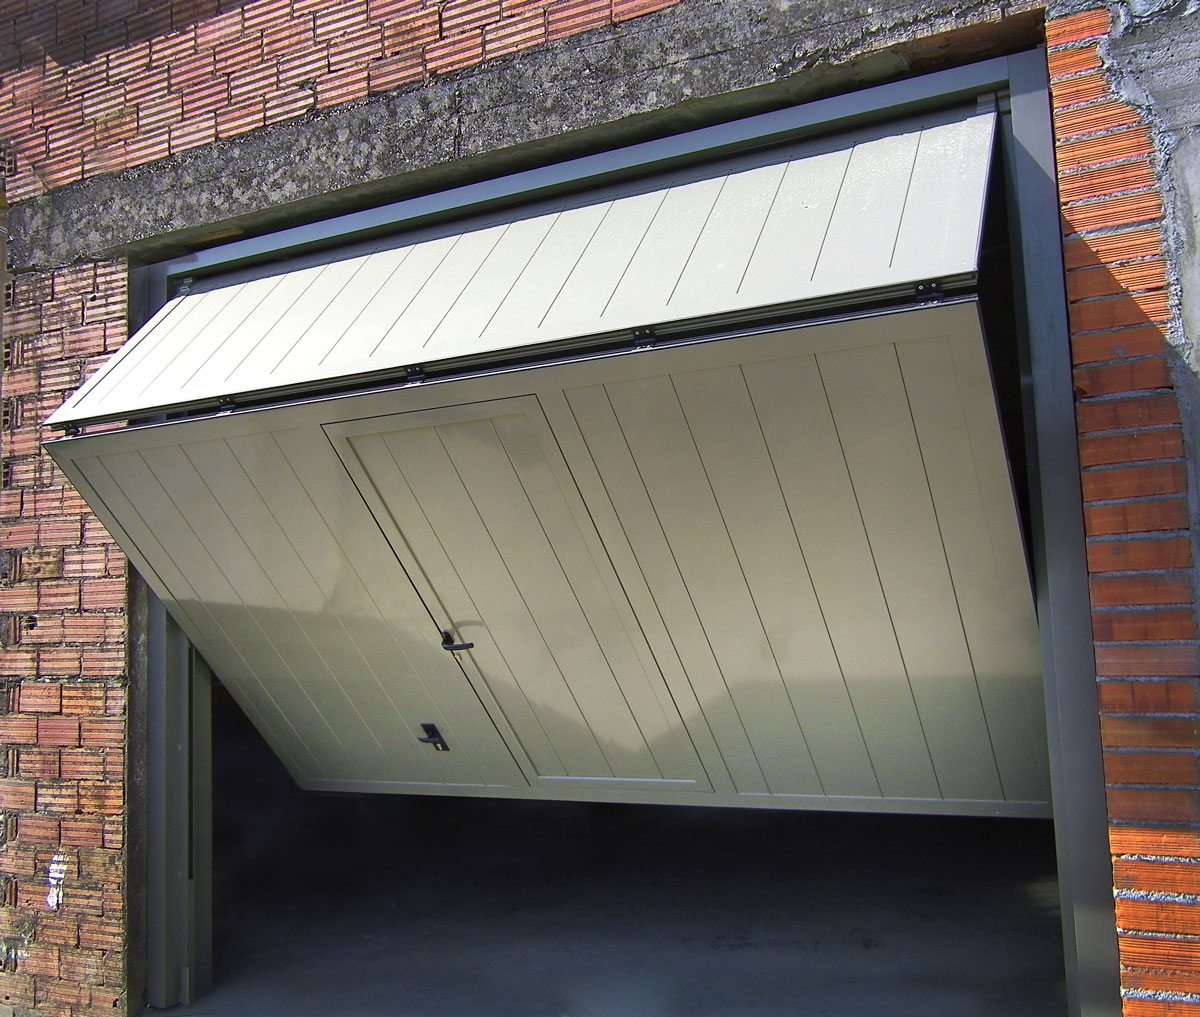 Puerta Basculante 2020 10 1 - arreglar reparar puertas de garaje basculantes hospitalet de llobregat